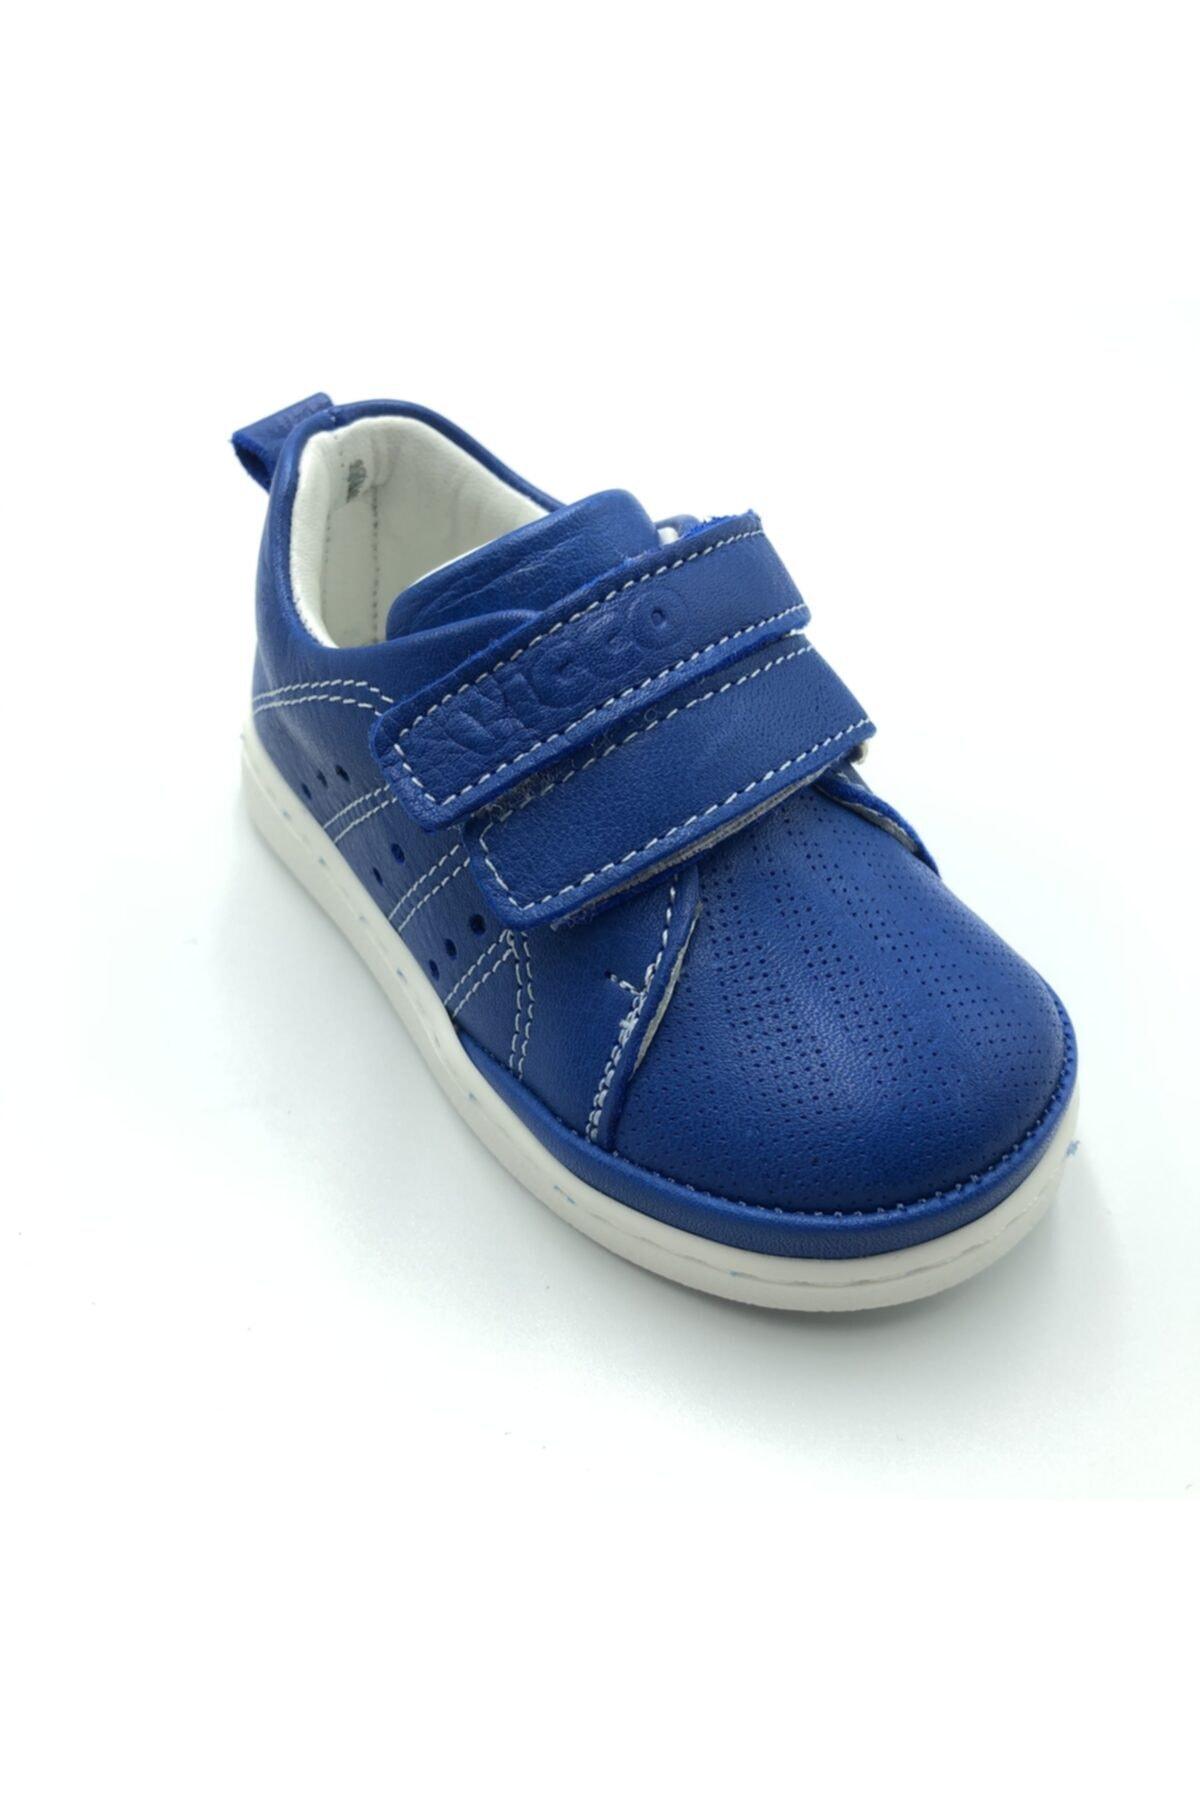 Vicco Unisex Ilk Adım Saks Mavi Deri Ayakkabı 2